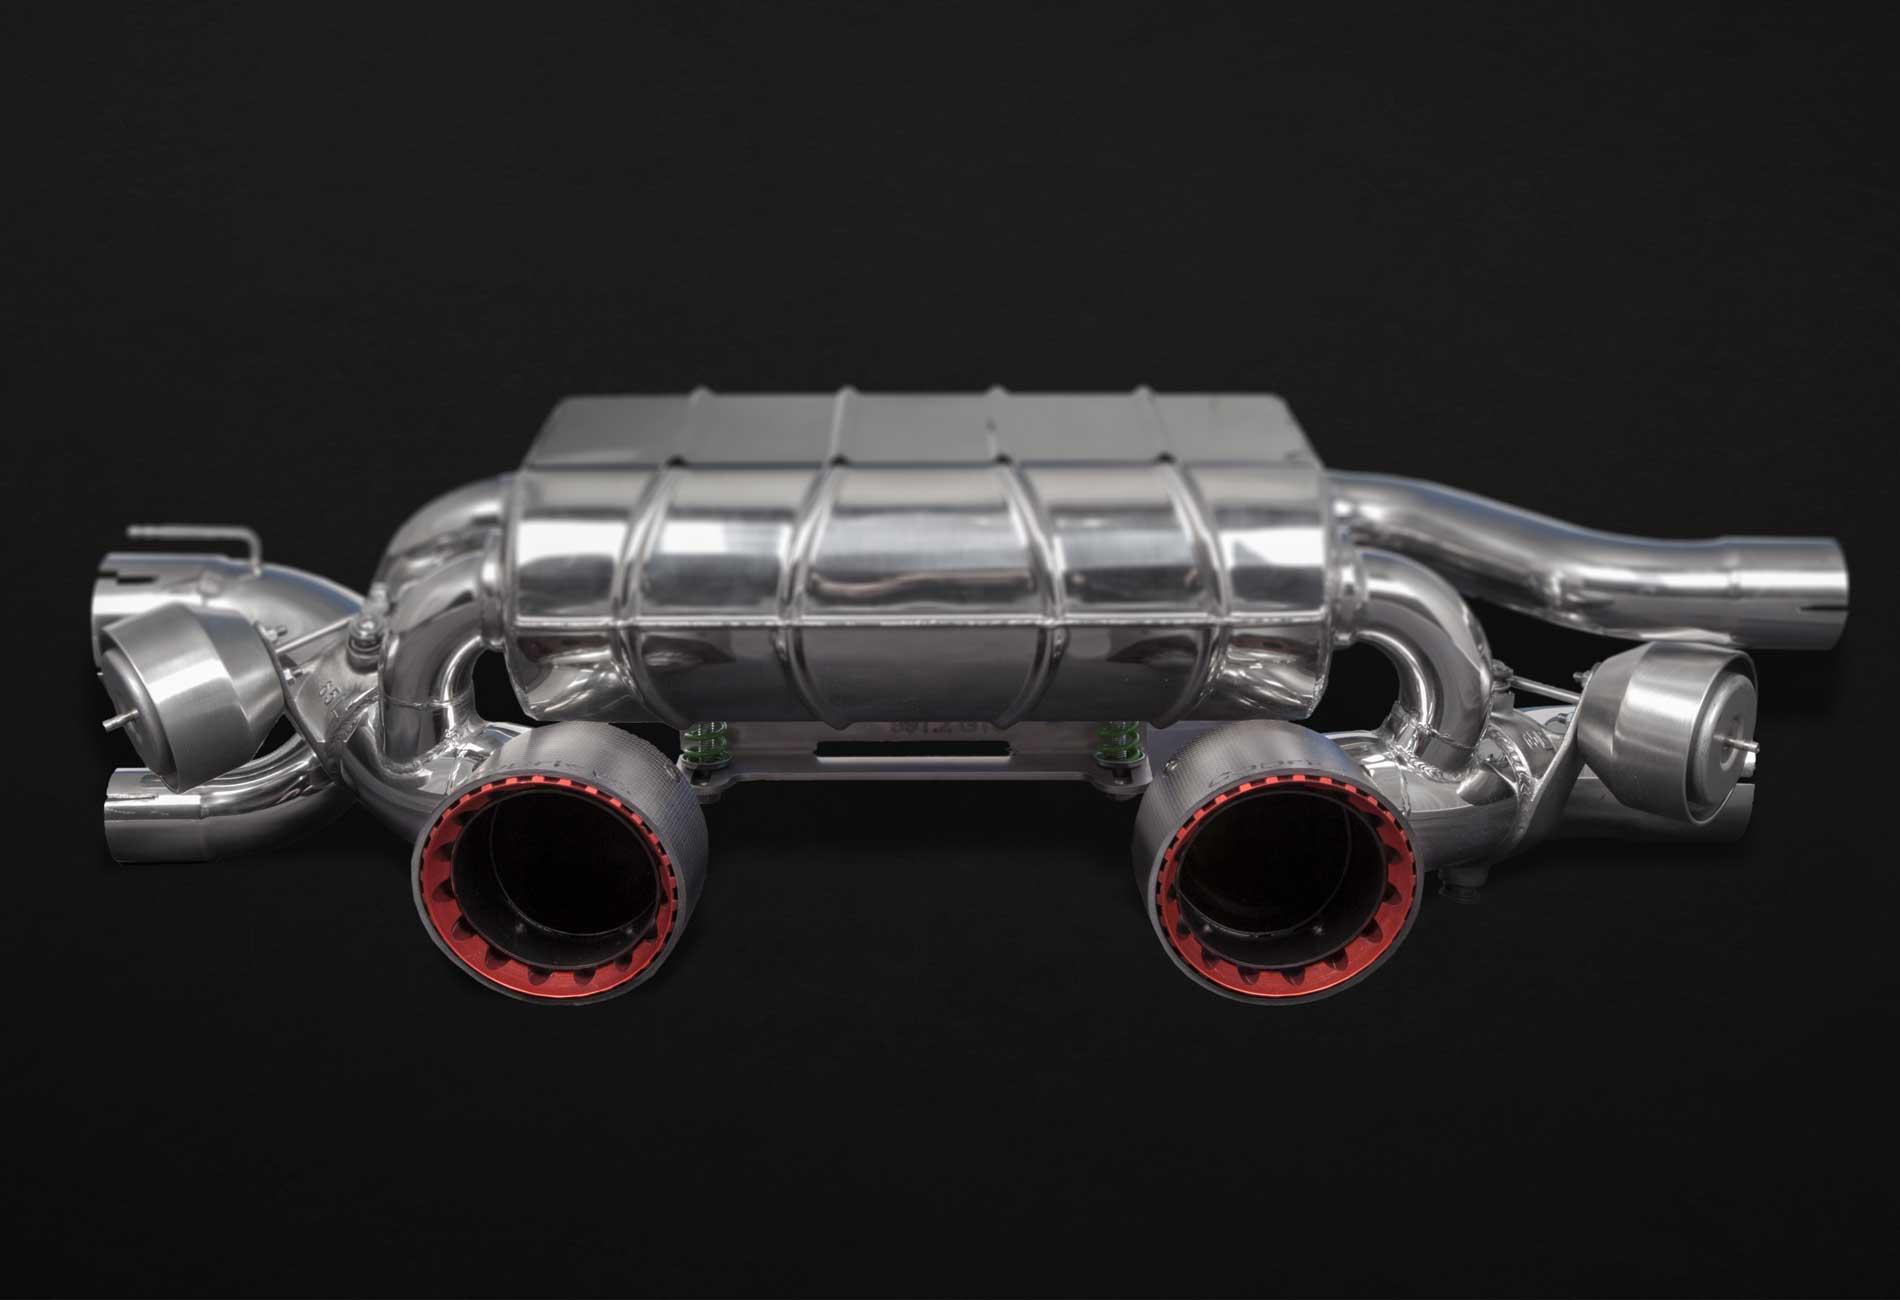 Porsche 991.2 Carrera GTS Auspuffanlage mit Klappensteuerung